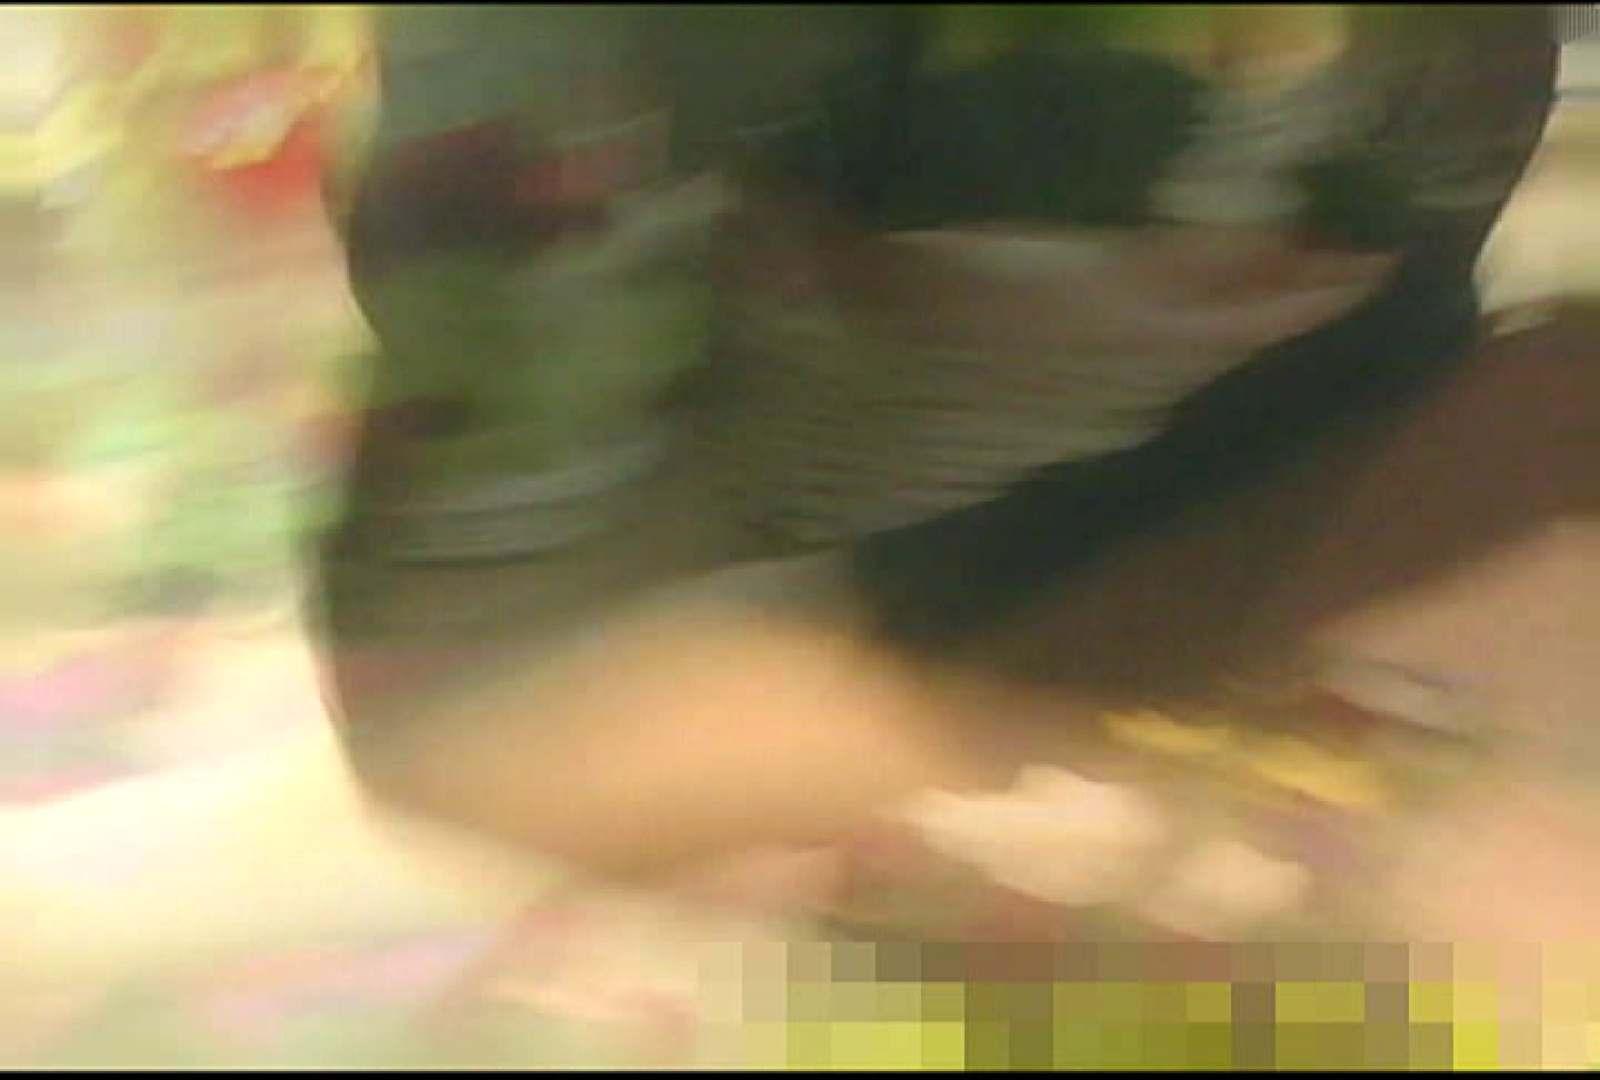 「ノゾキスト」さんの陰撮!!美女サルベージVol.4 OLセックス 盗撮われめAV動画紹介 97画像 41